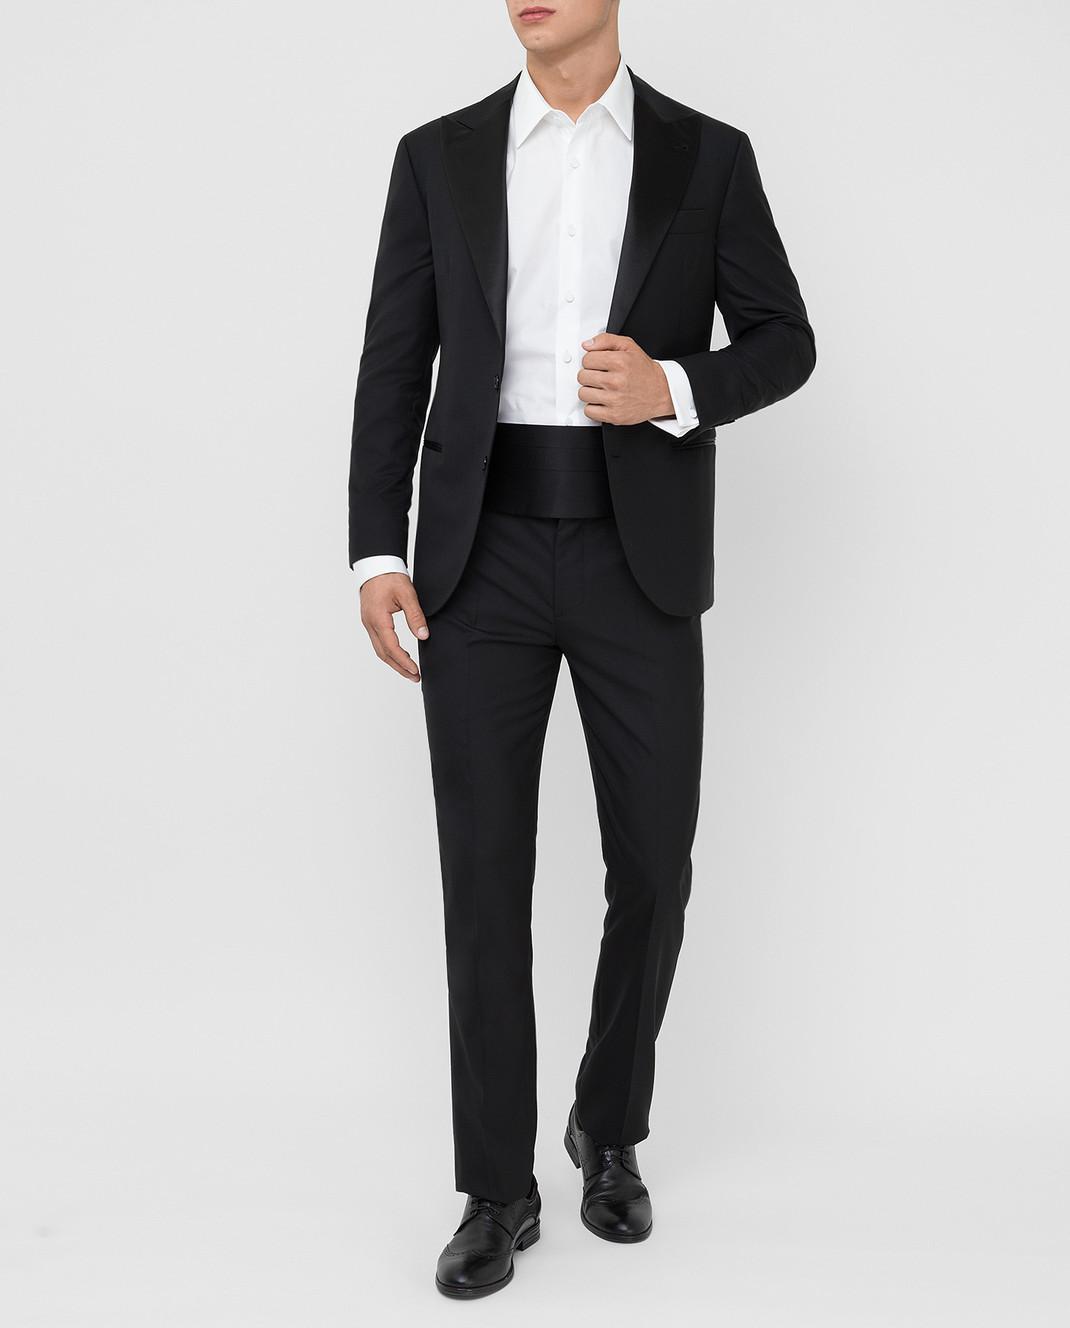 Brunello Cucinelli Черный костюм из шерсти и шелка изображение 2